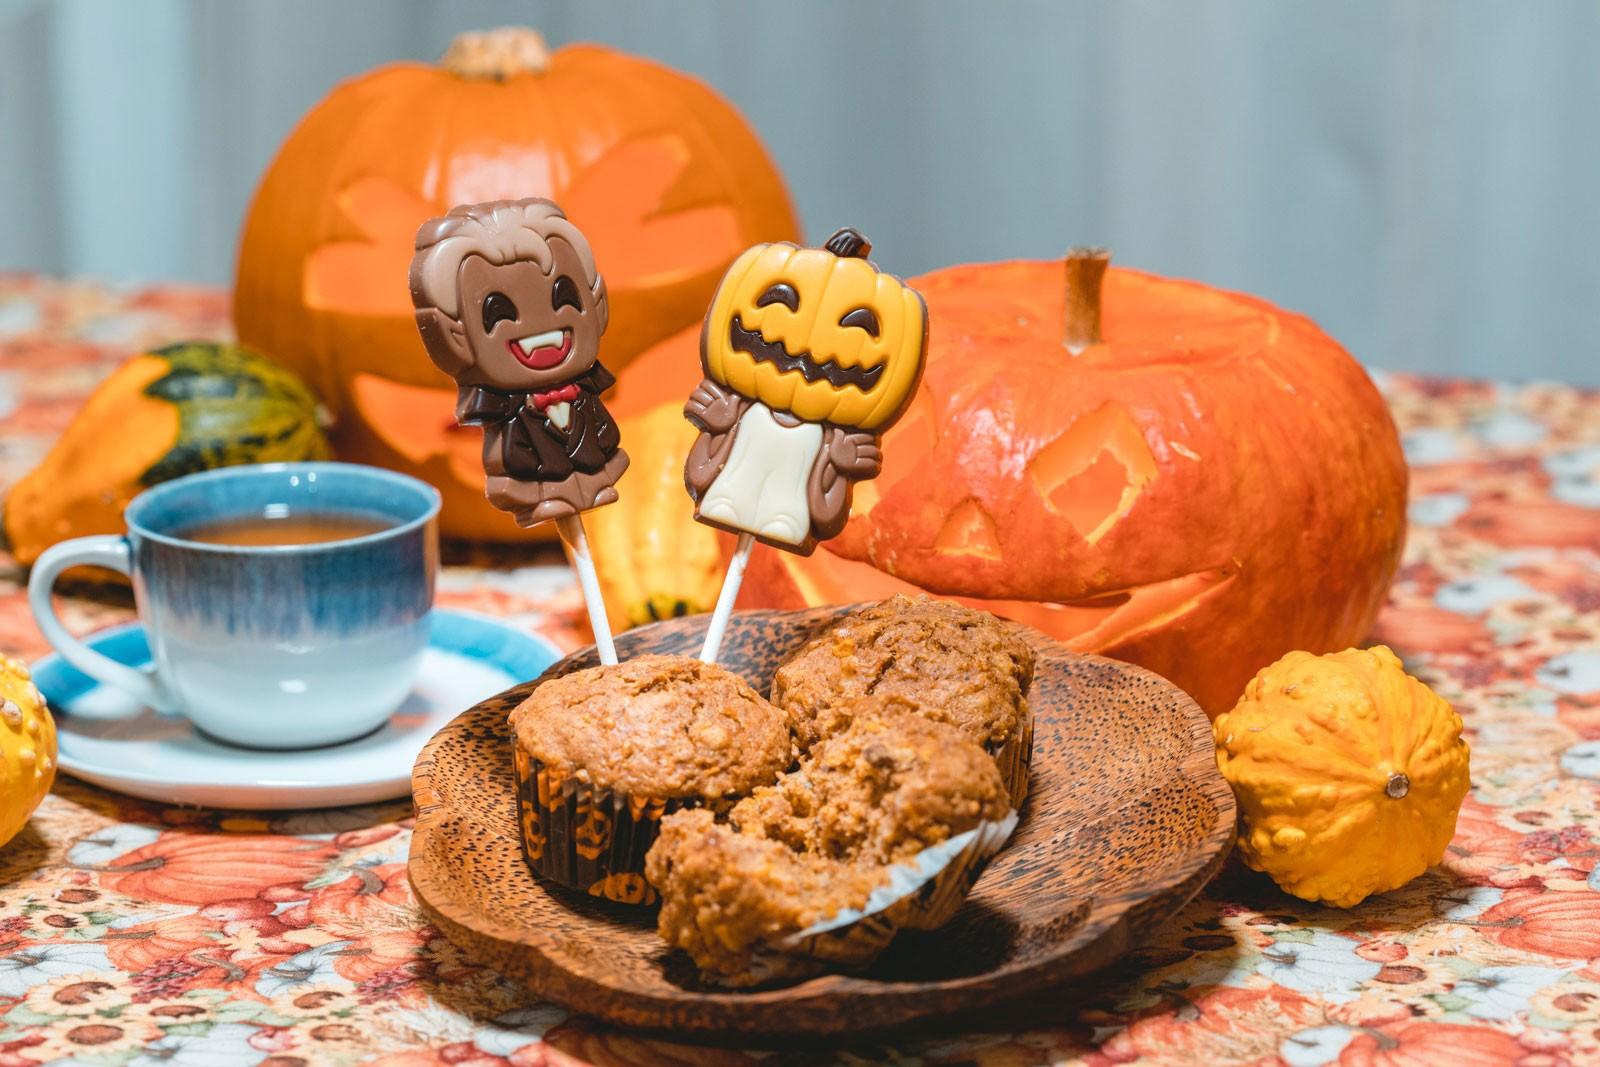 ninaah bulles, citrouilles, citrouille, halloween, recette, muffin, gâteau, noix, épices